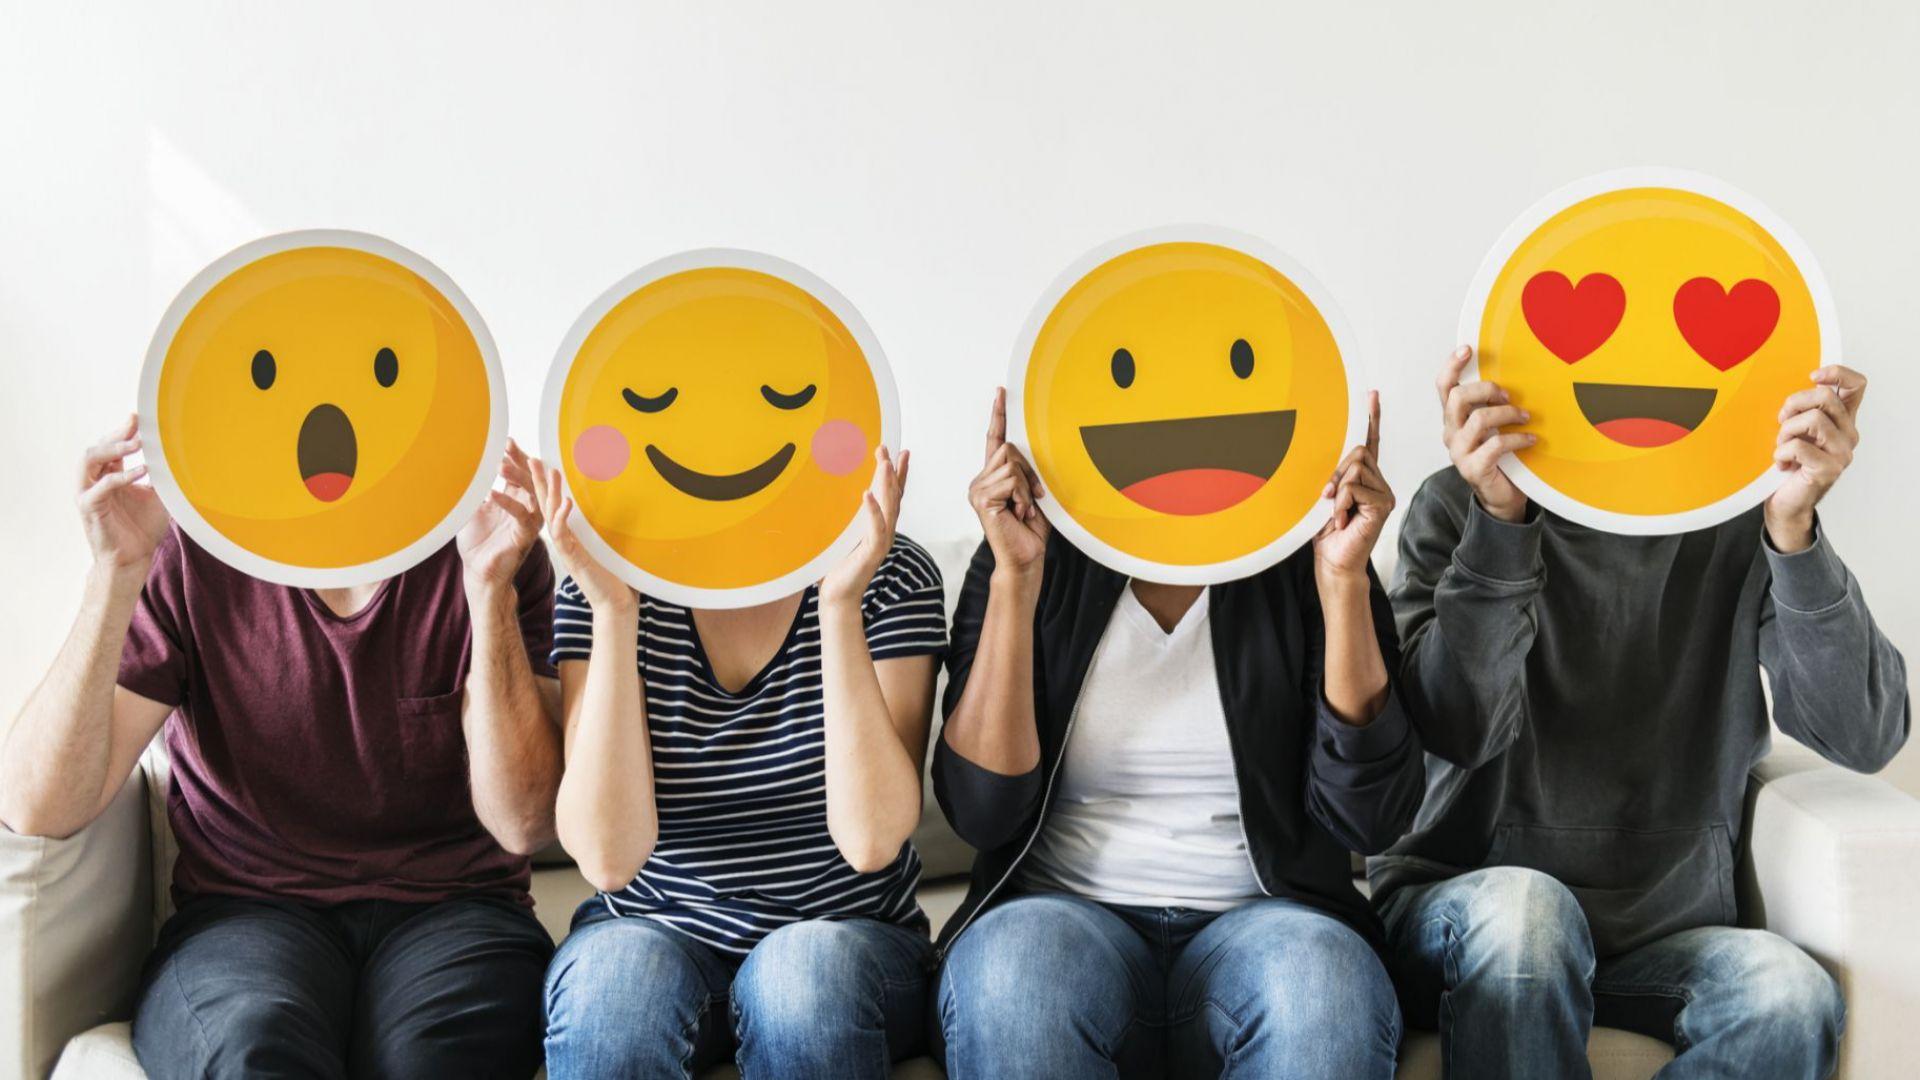 Използването на социалните мрежи помага срещу стреса и самотата през пандемията